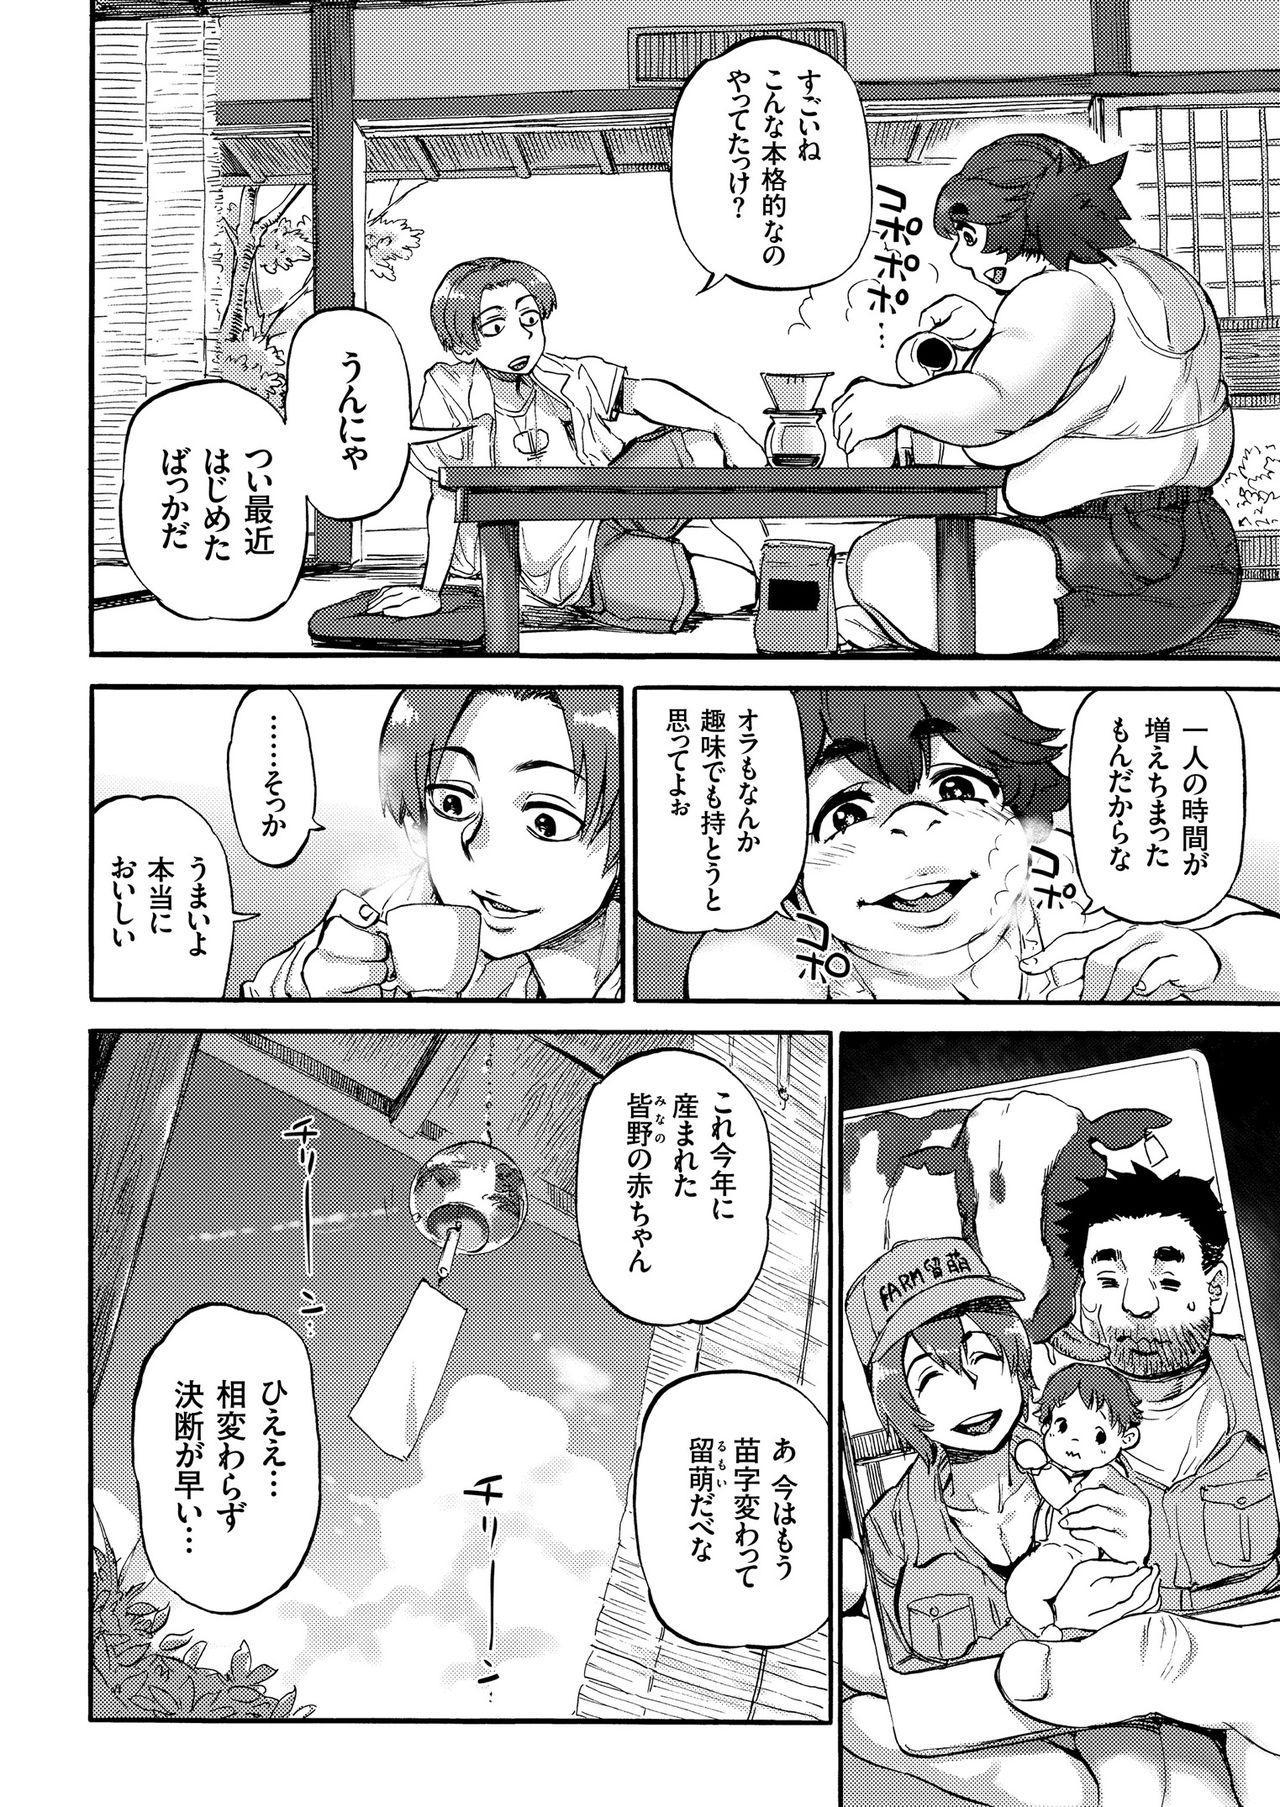 COMIC KURiBERON 2018-11 Vol. 73 151